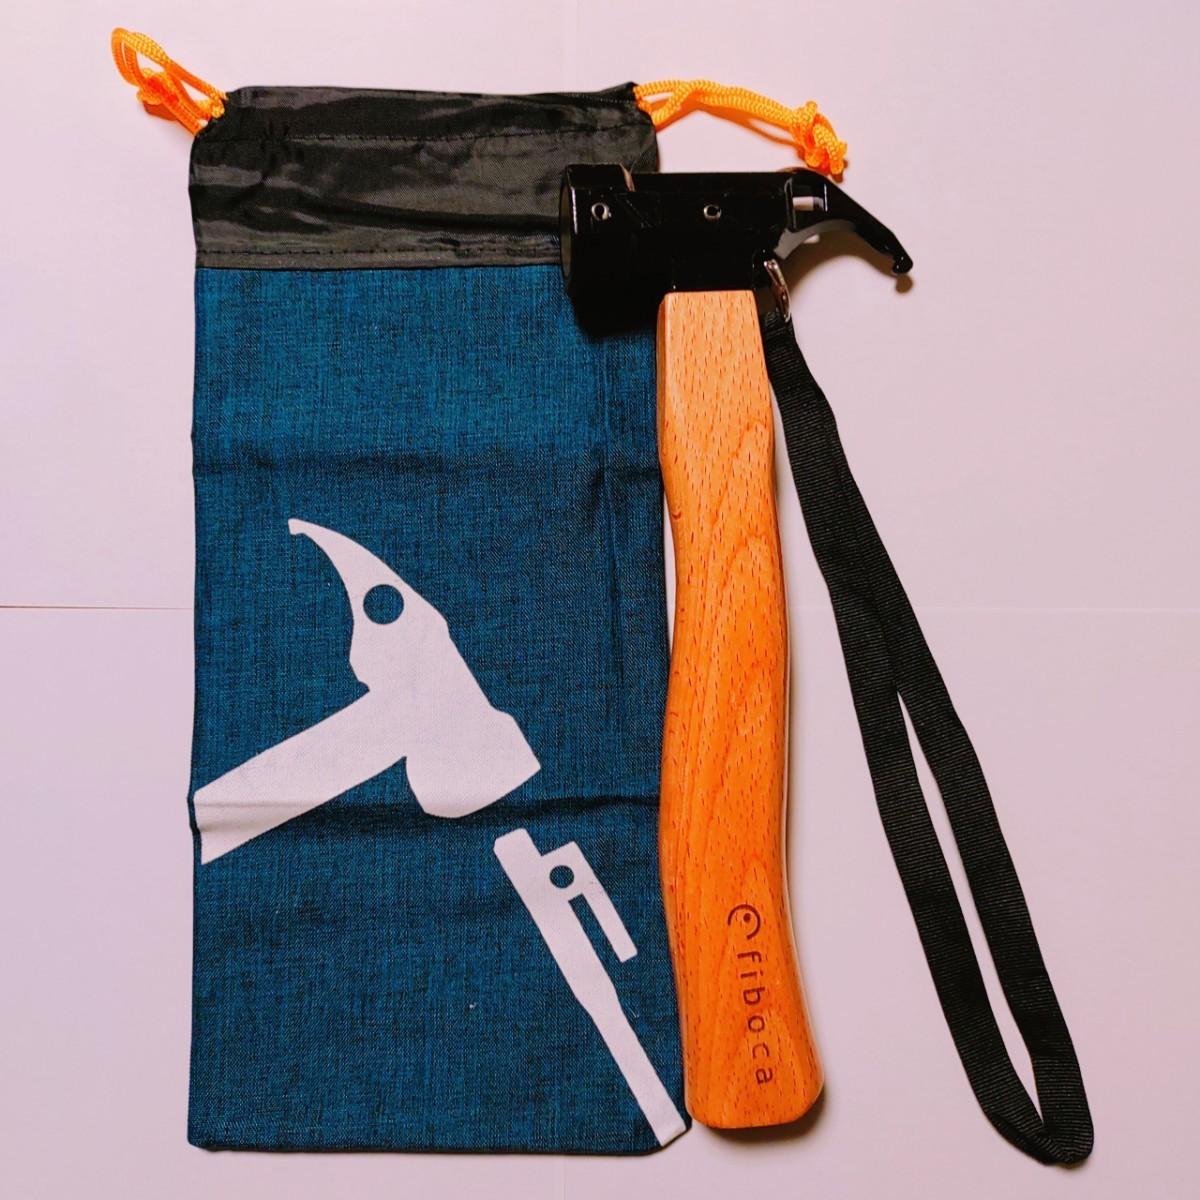 テントハンマー ペグハンマー アウトドア キャンプ 真鍮ヘッド 高品質収納袋 安全ベルト ペグ 収納袋 木製